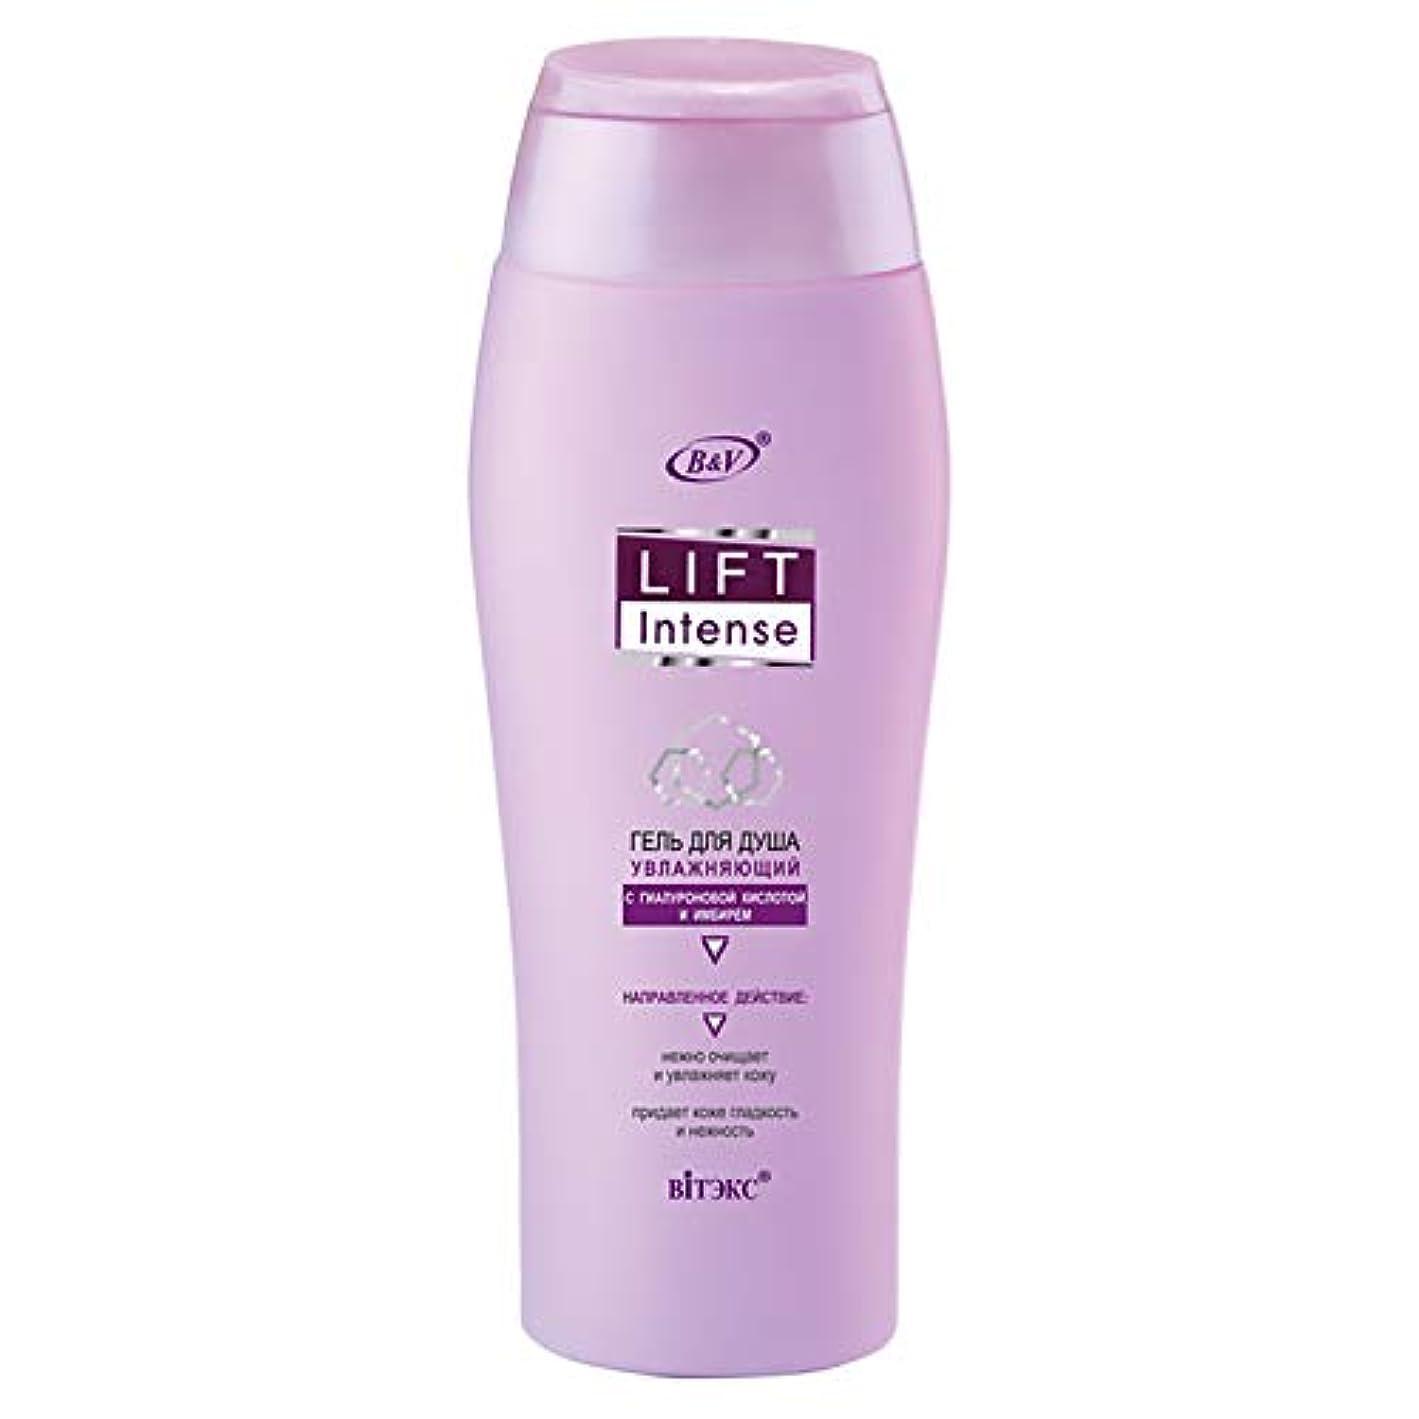 モート気づかない学ぶBielita & Vitex | LIFT INTENSE | Hydrating Shower Gel with hyaluronic acid and ginger (300 ml)